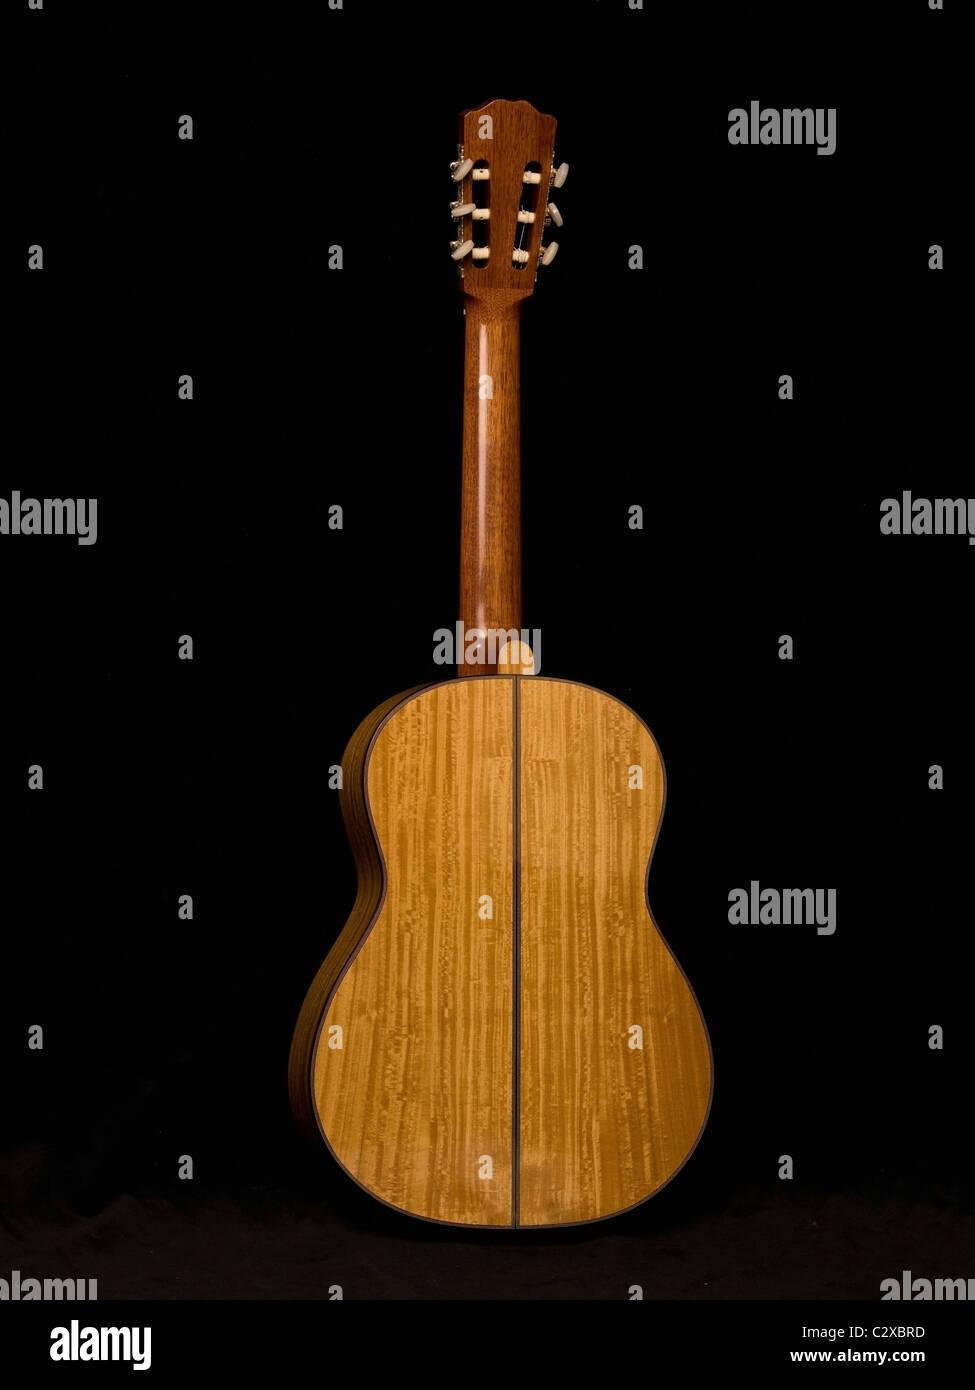 Portrait d'une guitare acoustique Banque D'Images